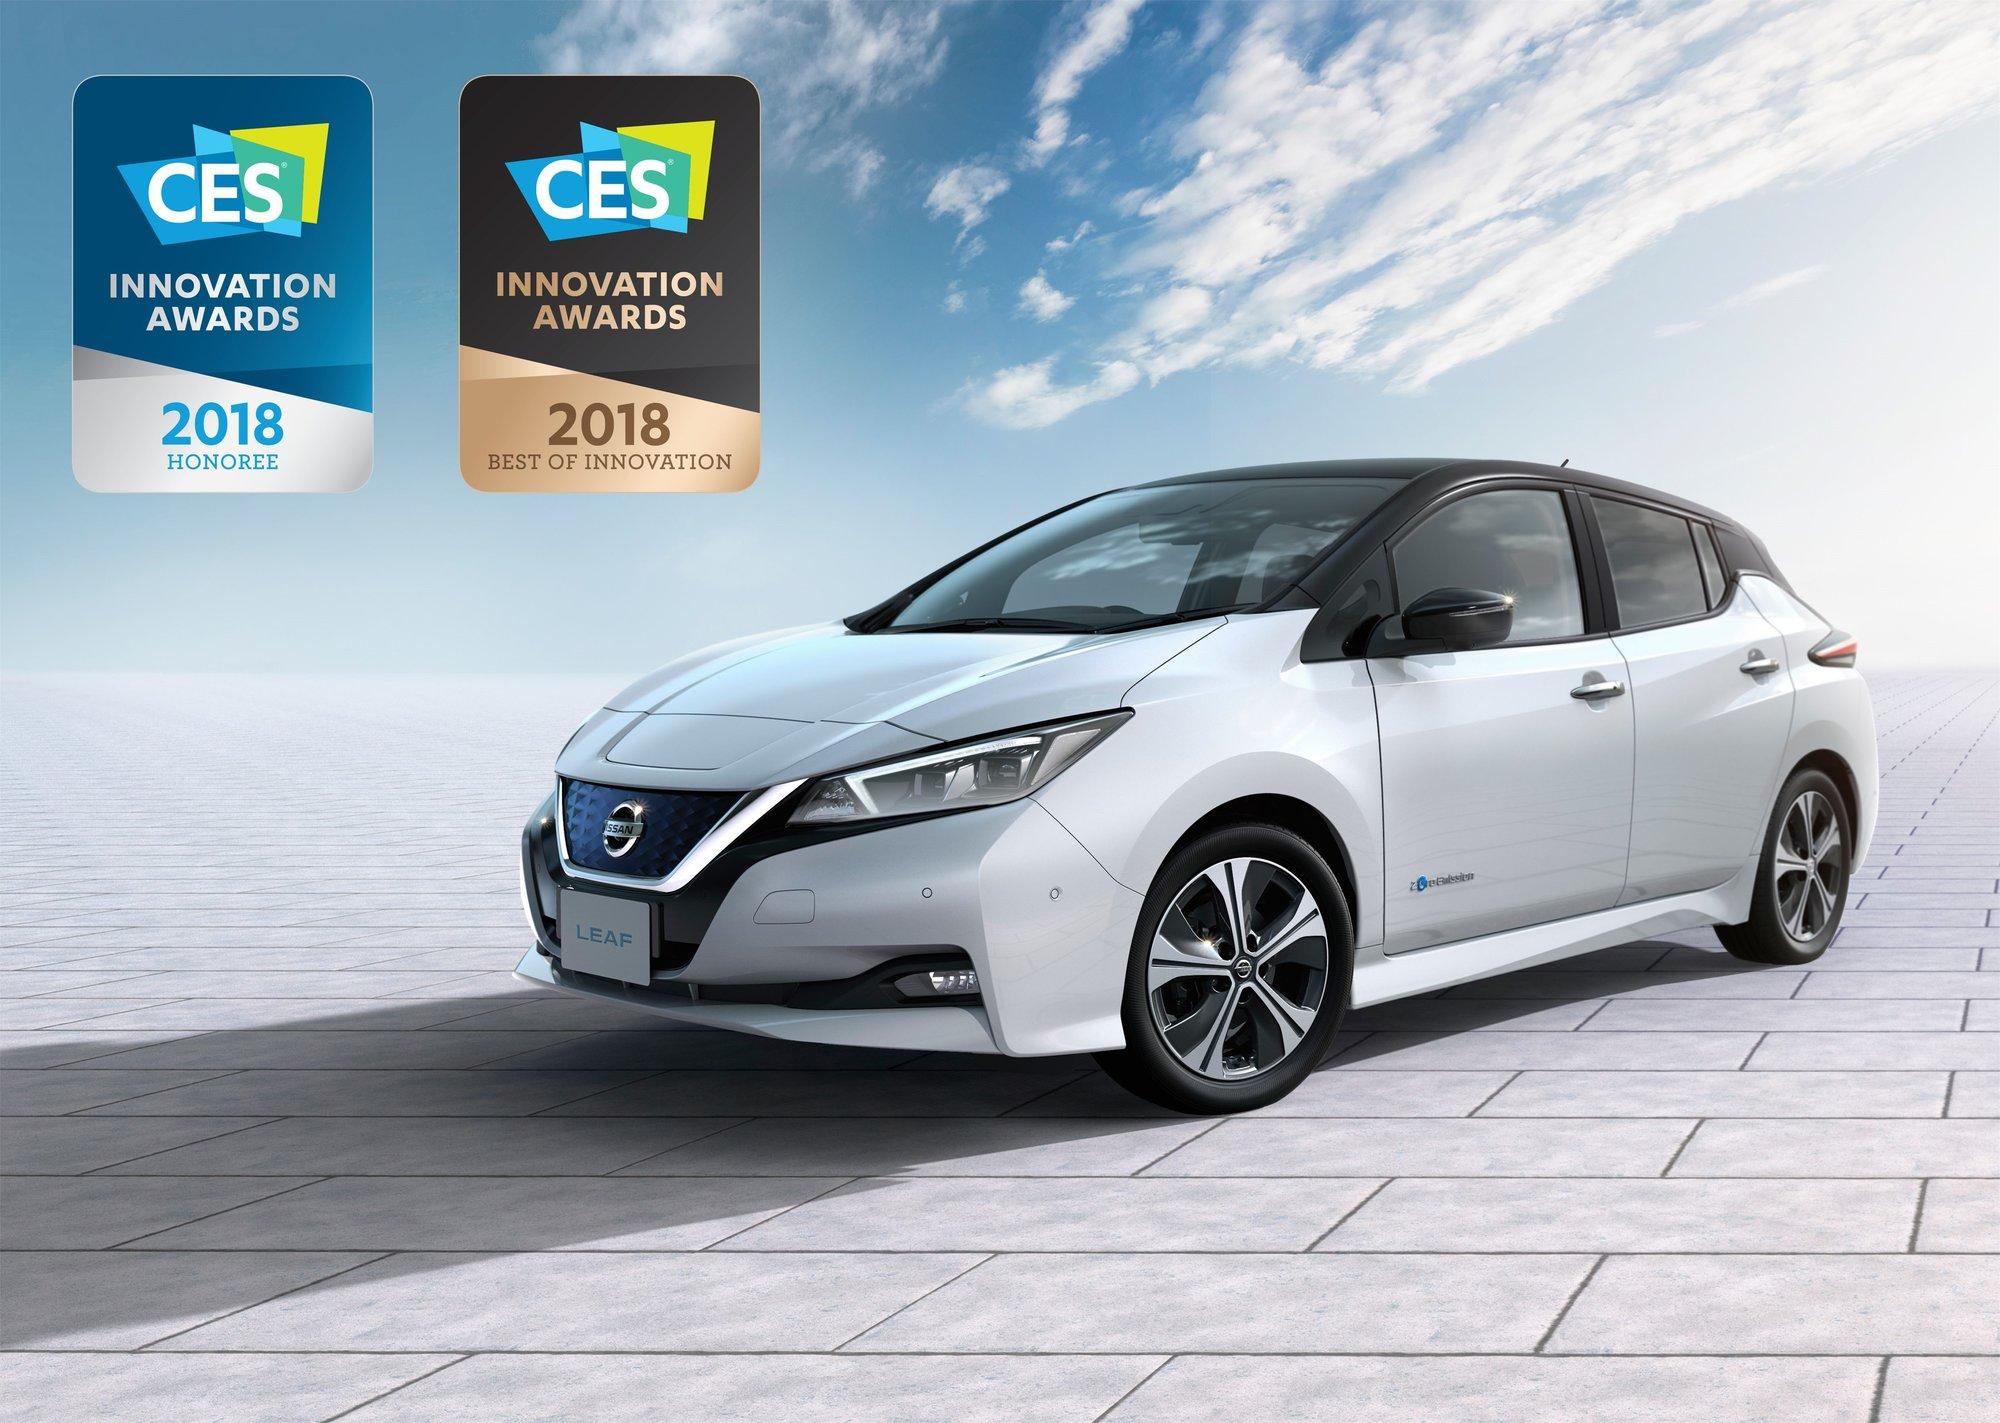 Nový Nissan LEAF získal první mezinárodní cenu